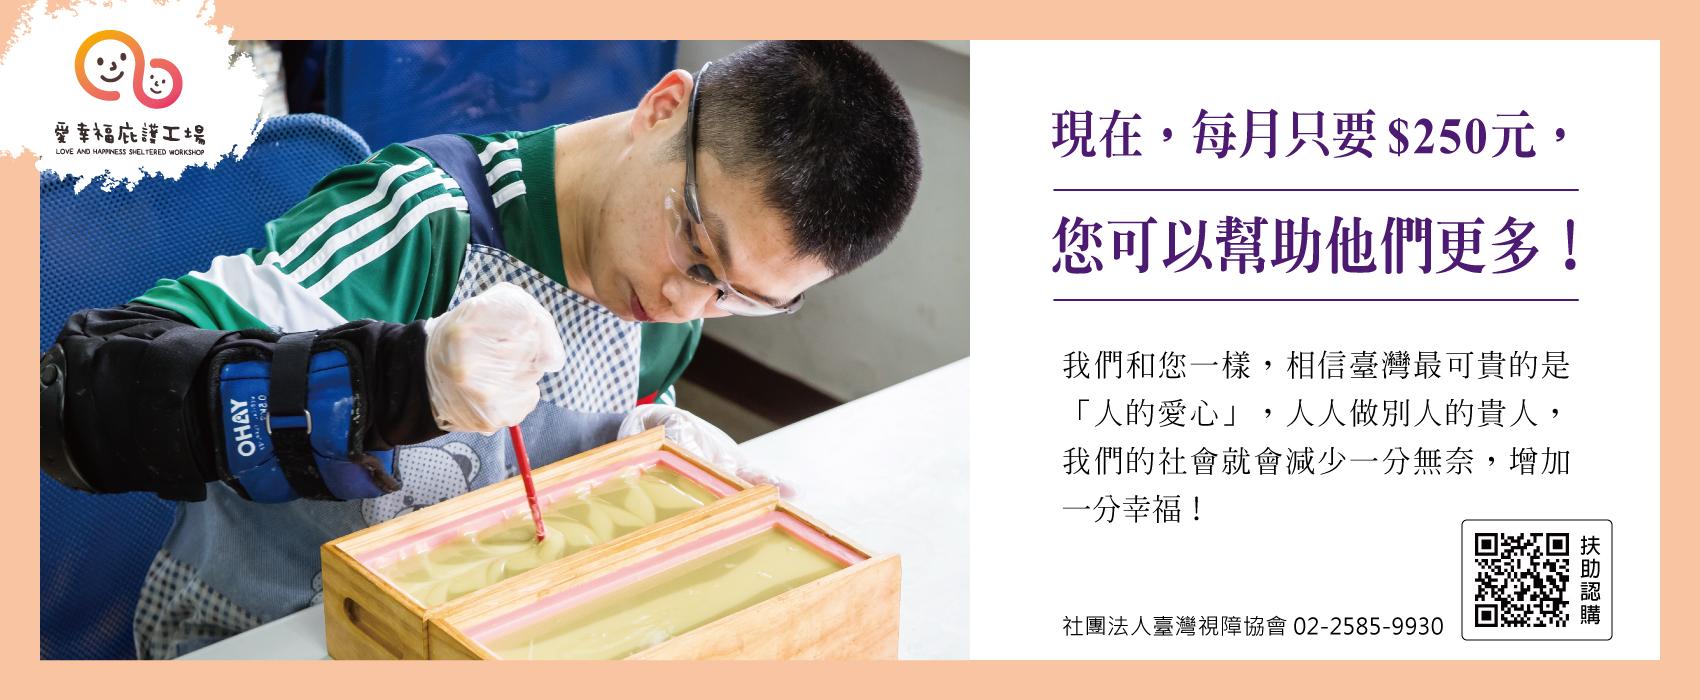 社團法人台灣視障協會